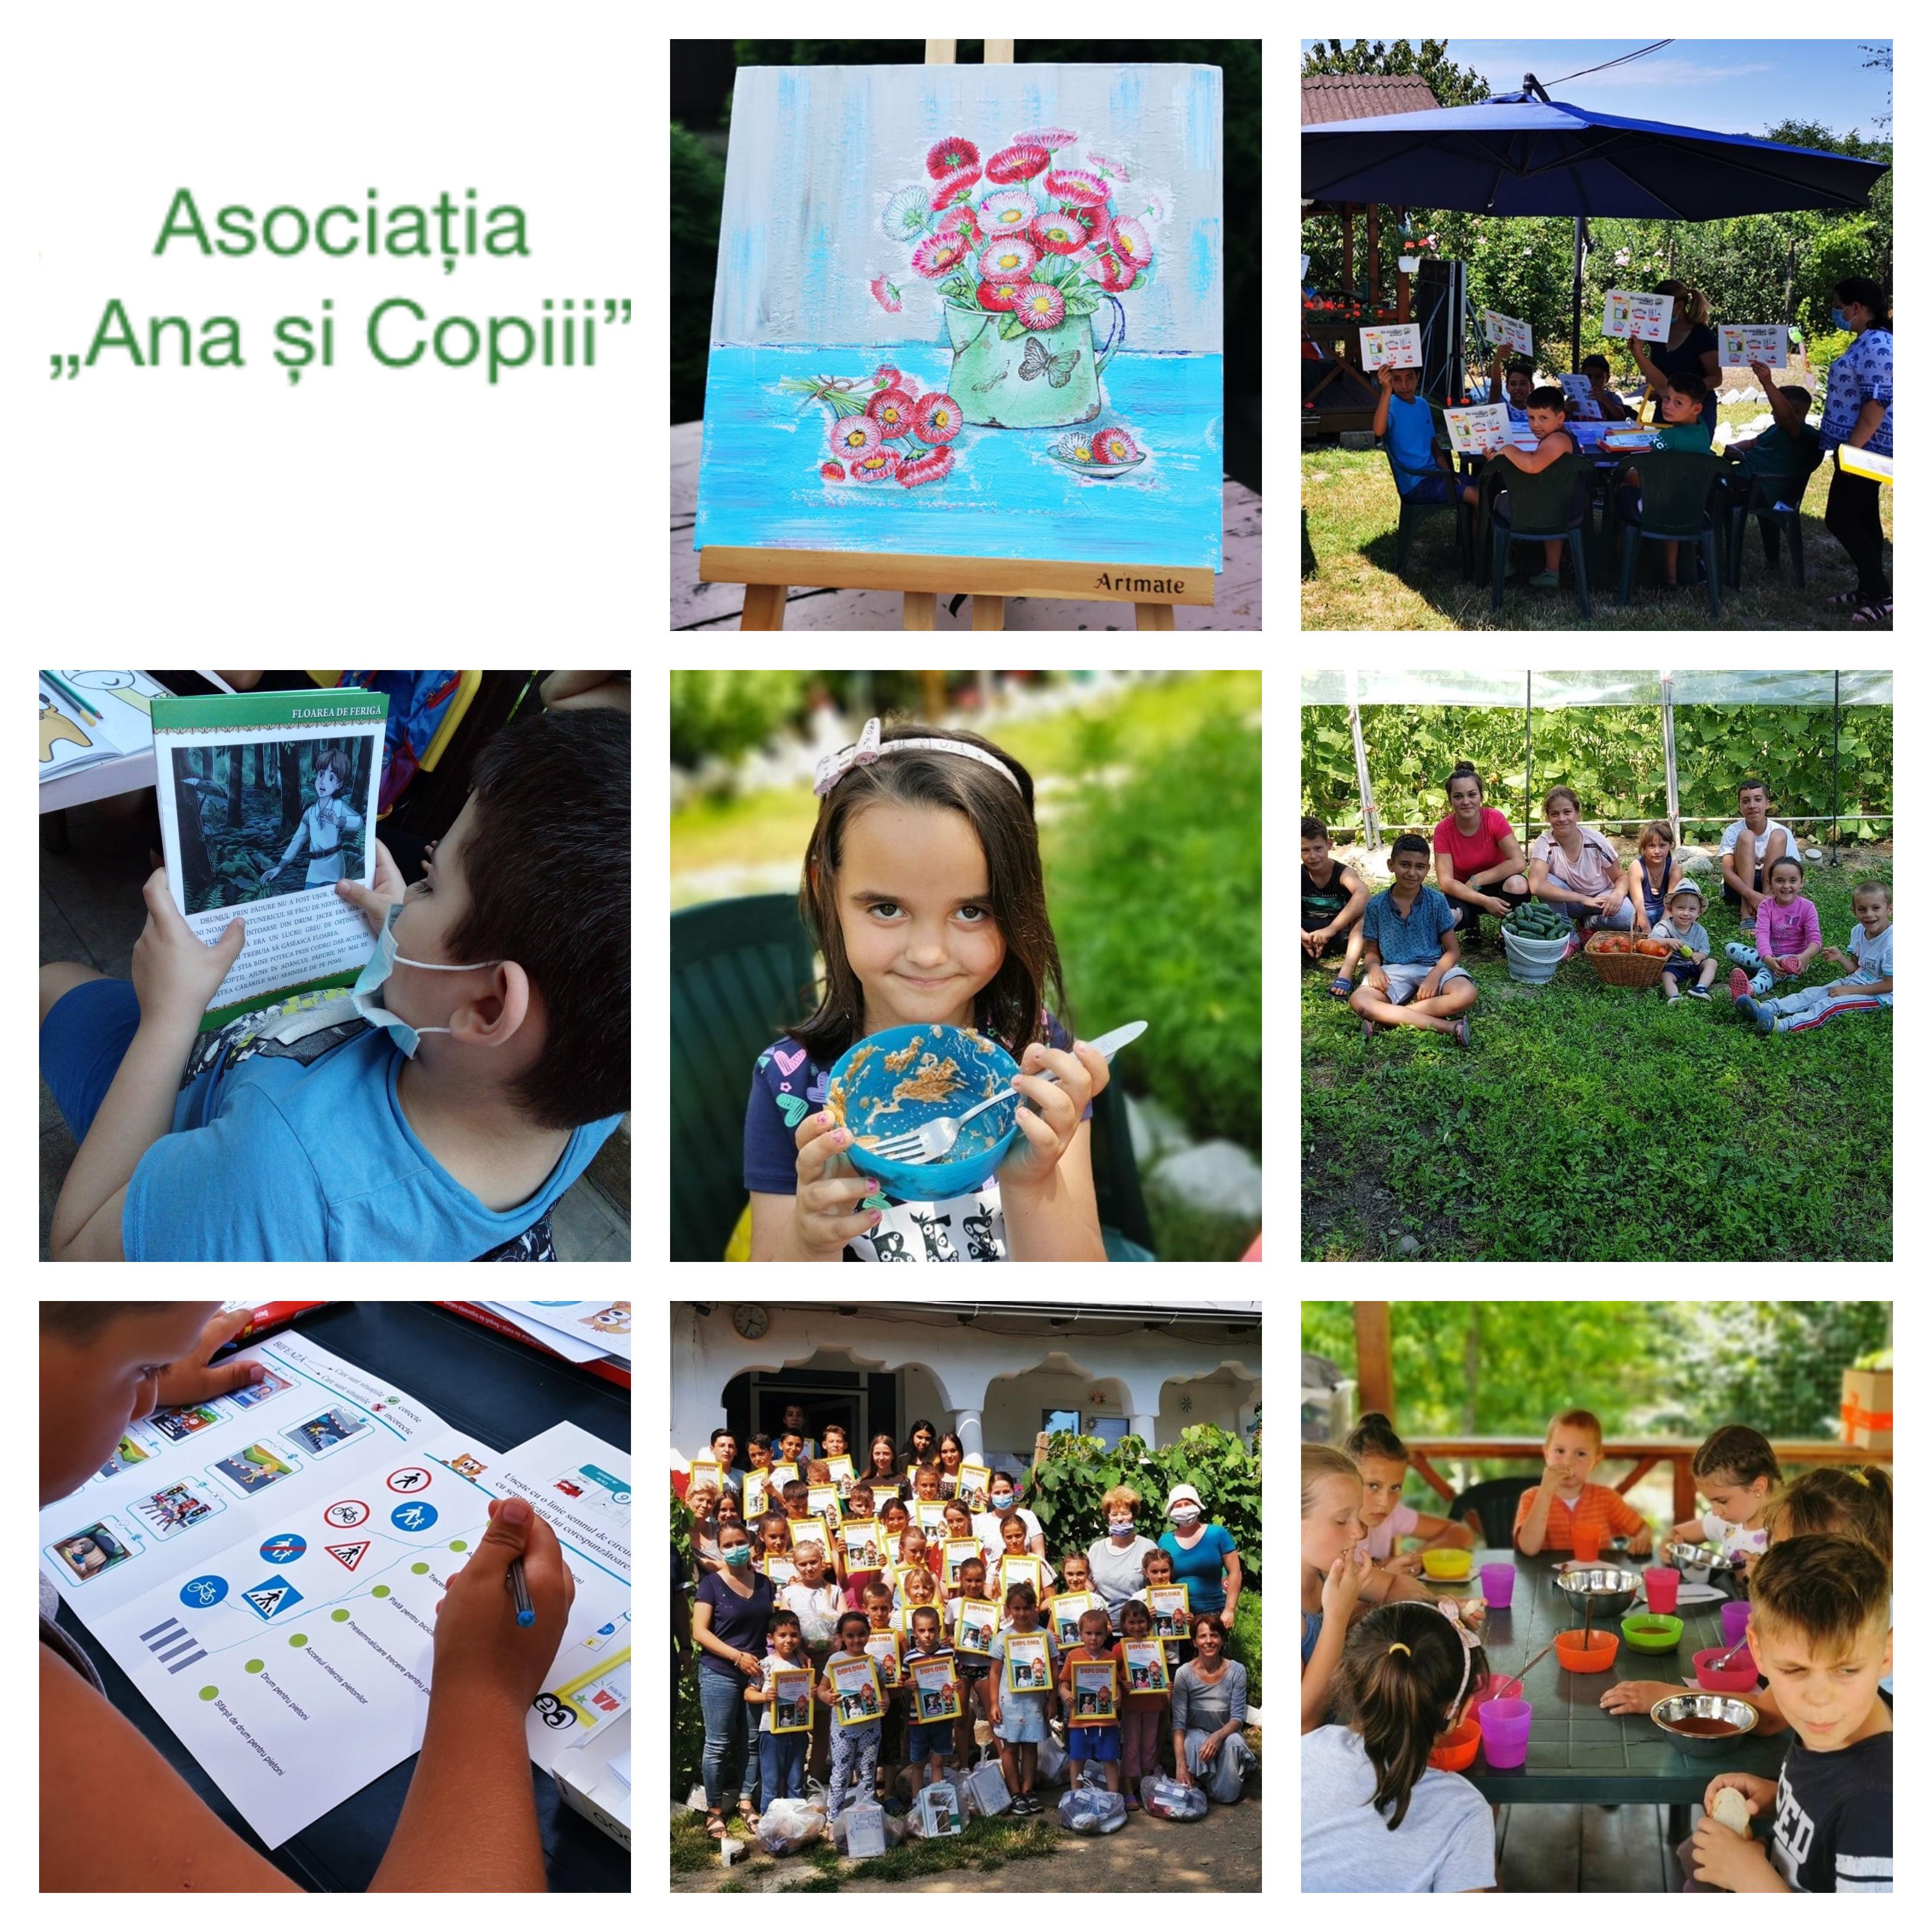 Asociația Ana și Copiii a dat startul Școlii de vară pentru alfabetizarea digitală a atât a copiilor, cât și a părinților din familii vulnerabile